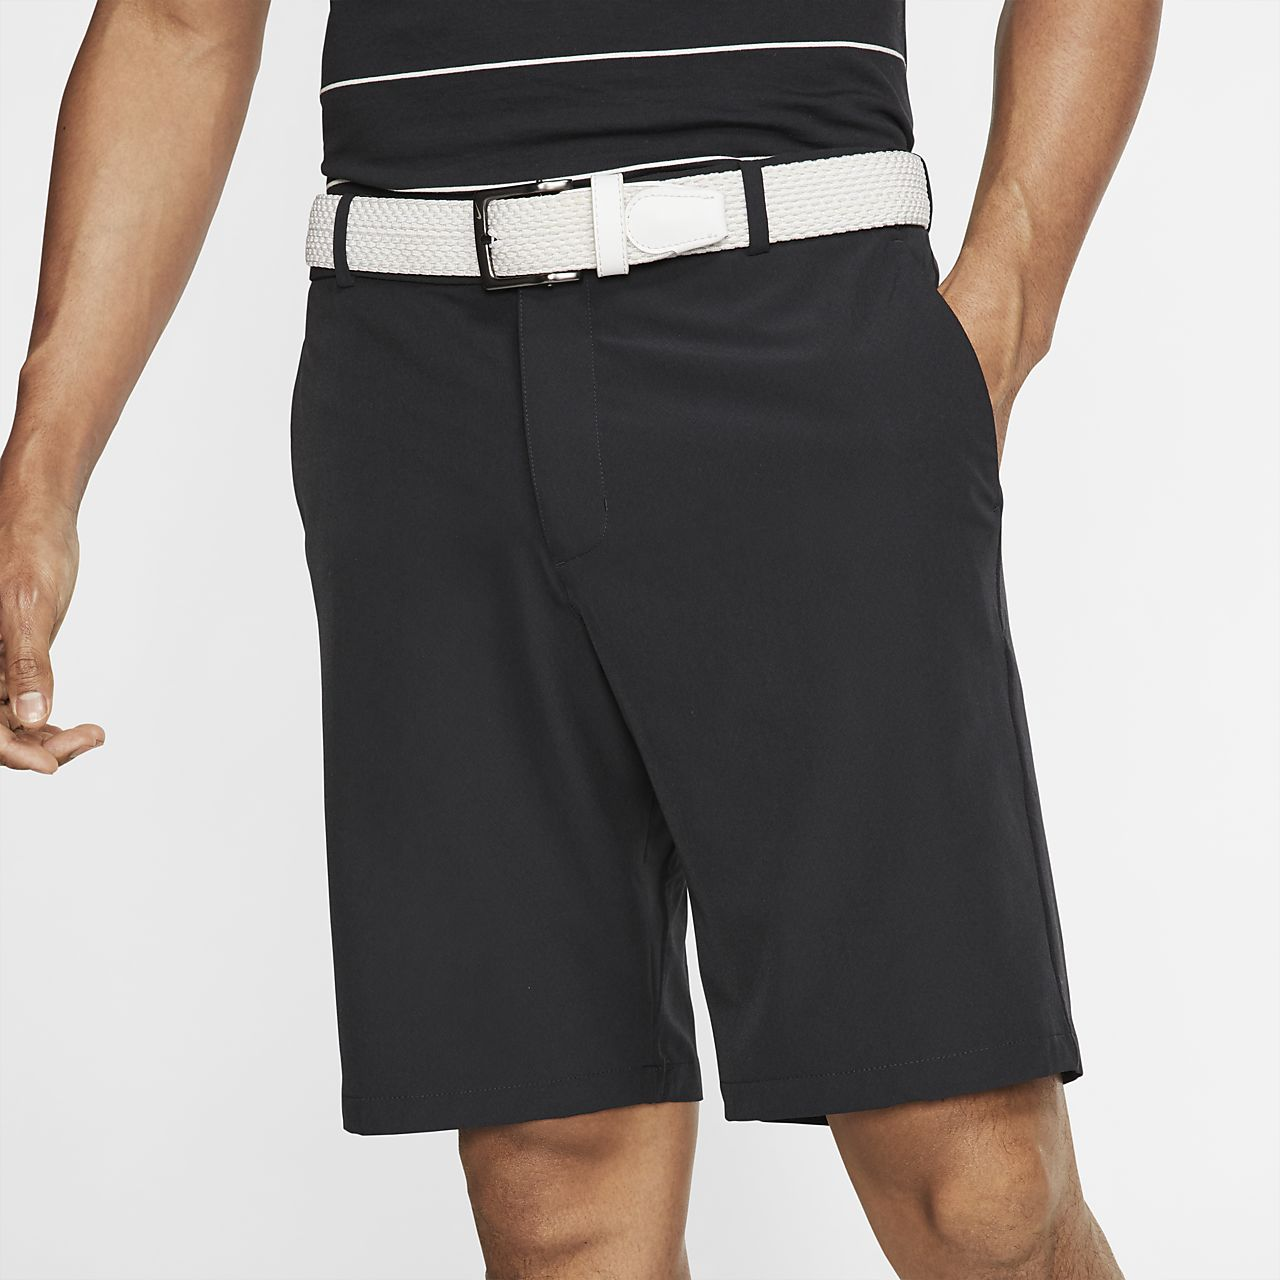 Calções de golfe Nike Flex para homem